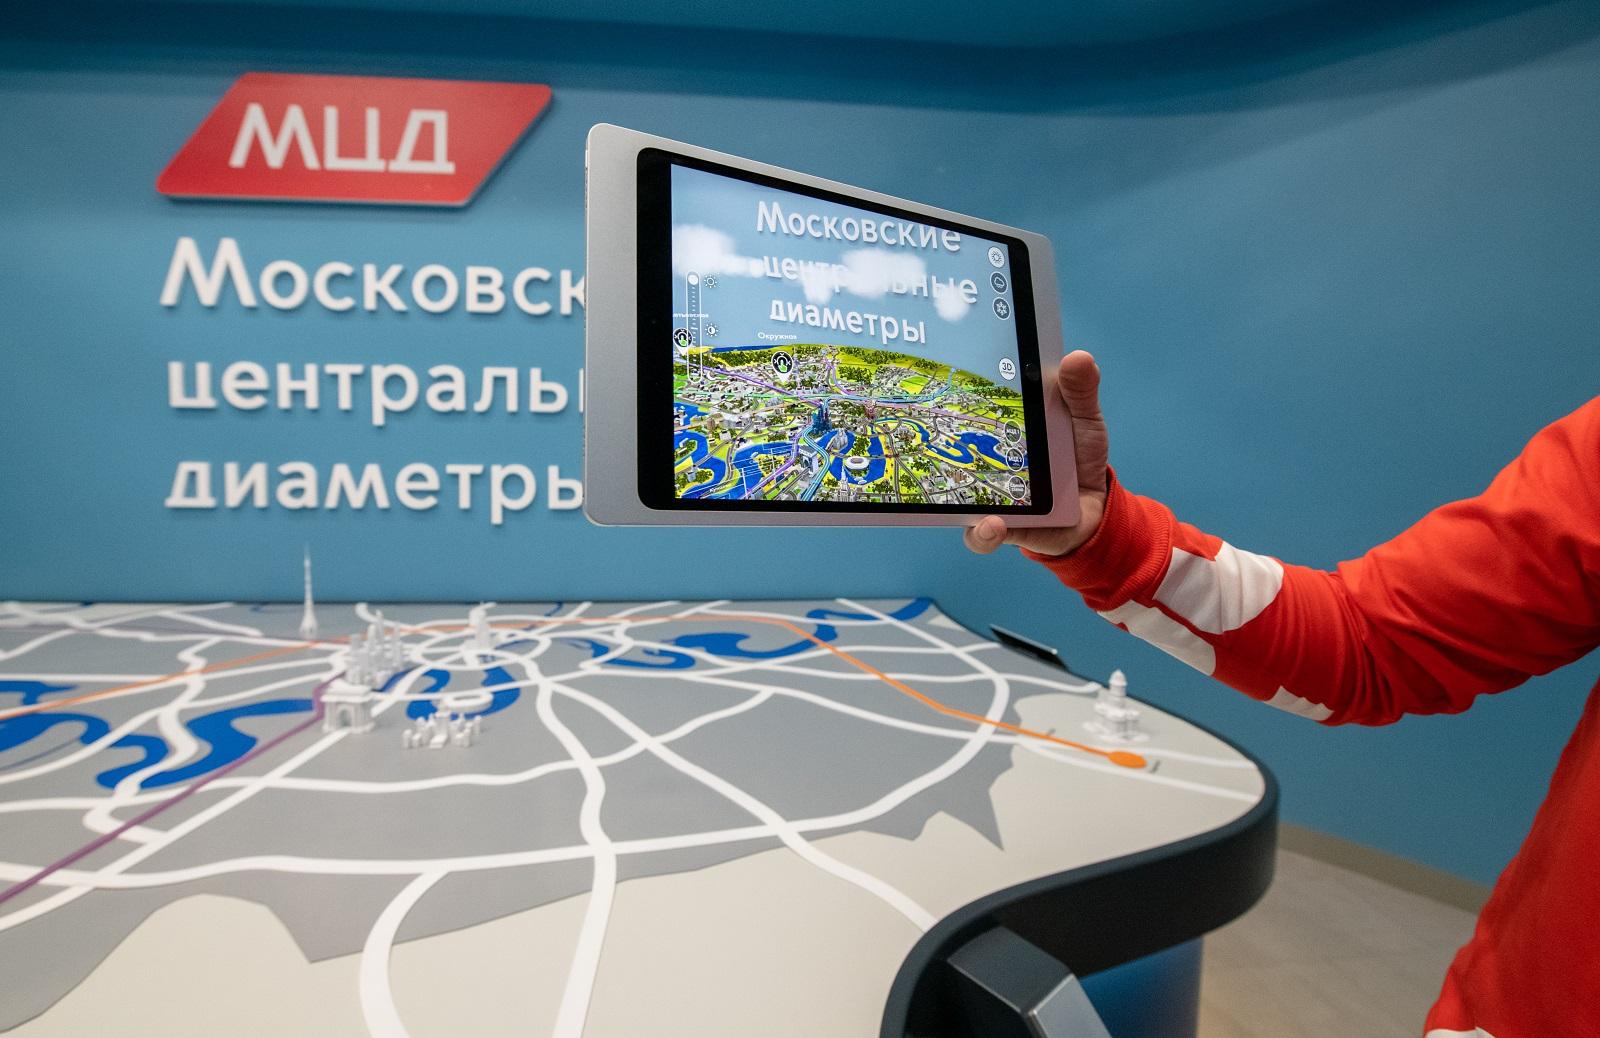 Для школьников проведут онлайн-лекцию проекта «Транспортные субботы» из павильона МЦД